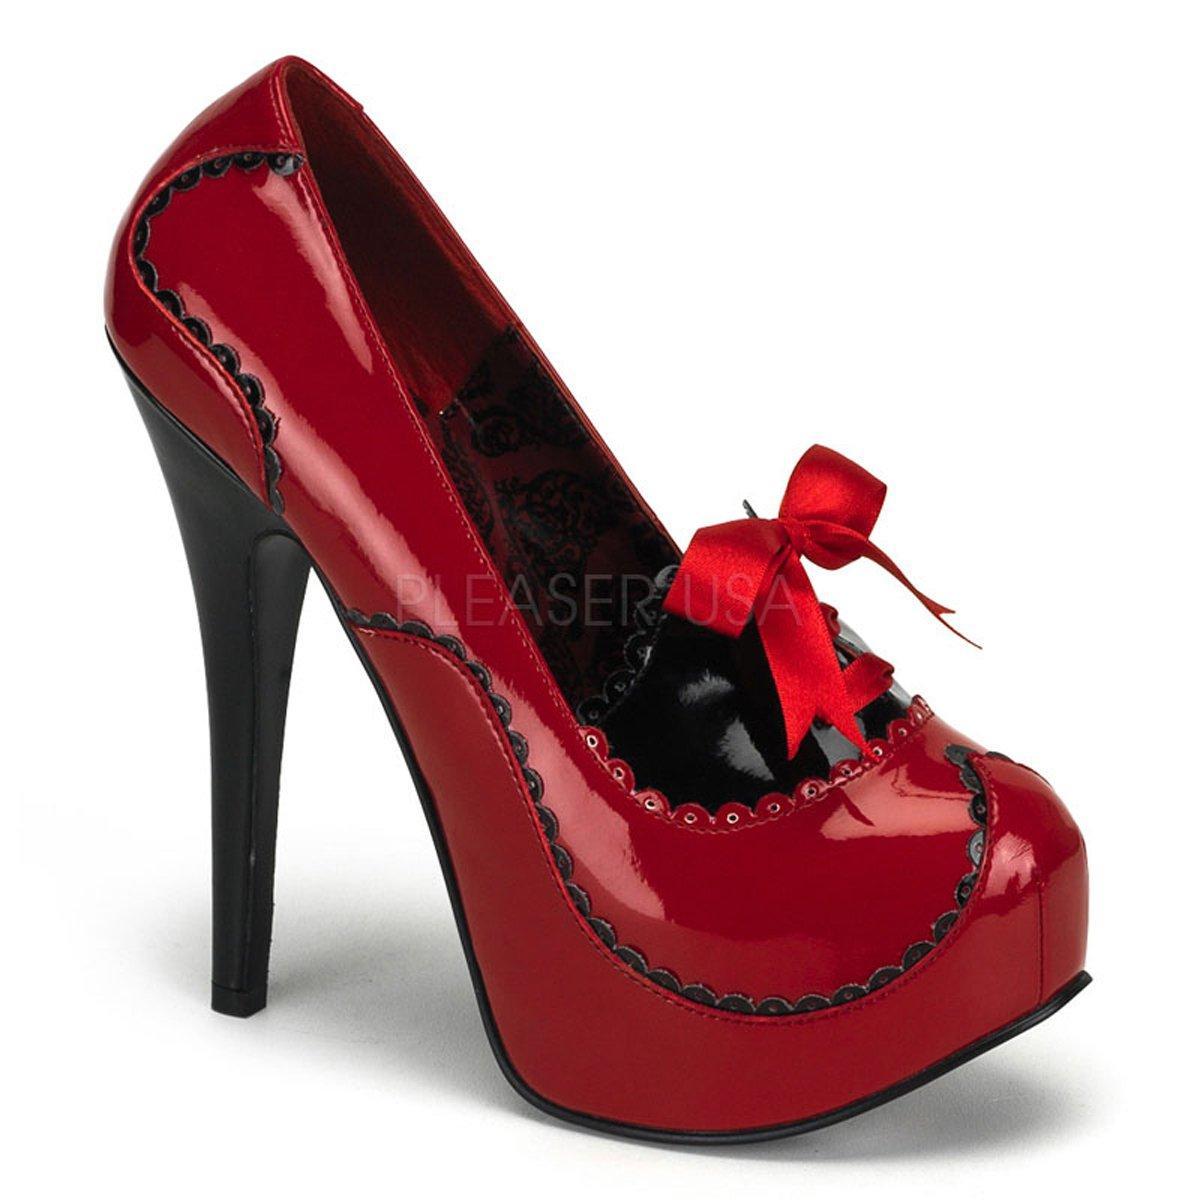 fd93888d6340 Luxusní lesklé červené lodičky na vysokém podpatku TEEZE-01 ...